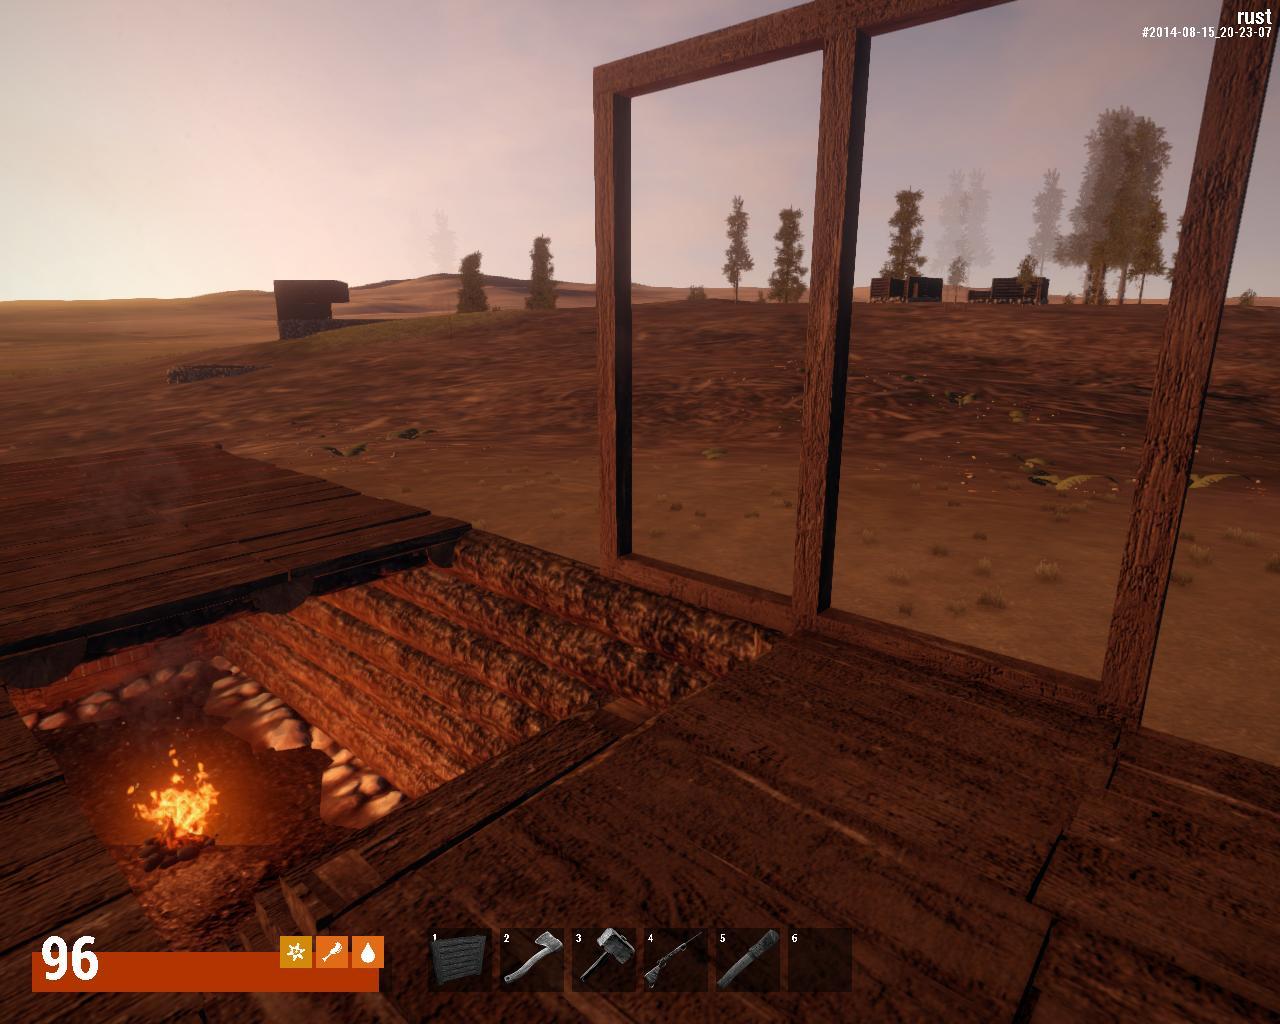 Баги в Rust - Стена и лестница